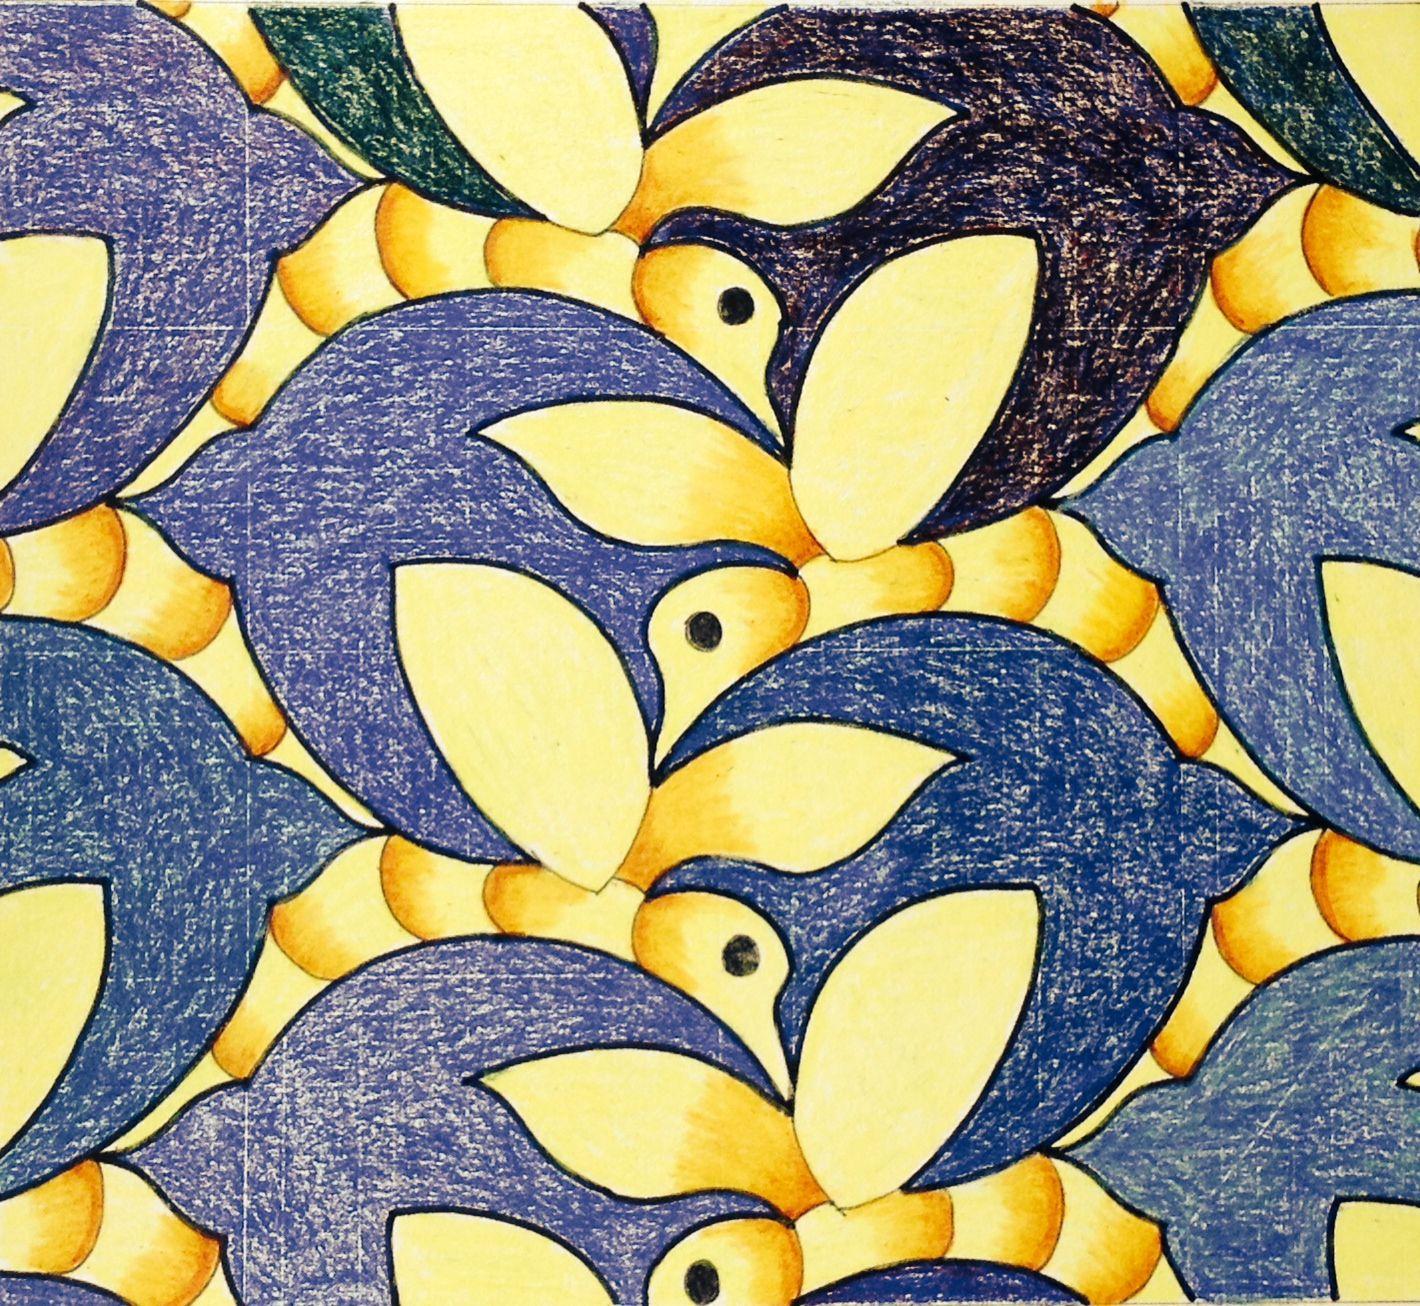 #tessellation #tiling #geometry #symmetry #Escher #Mc_Escher Symmetry nr 26